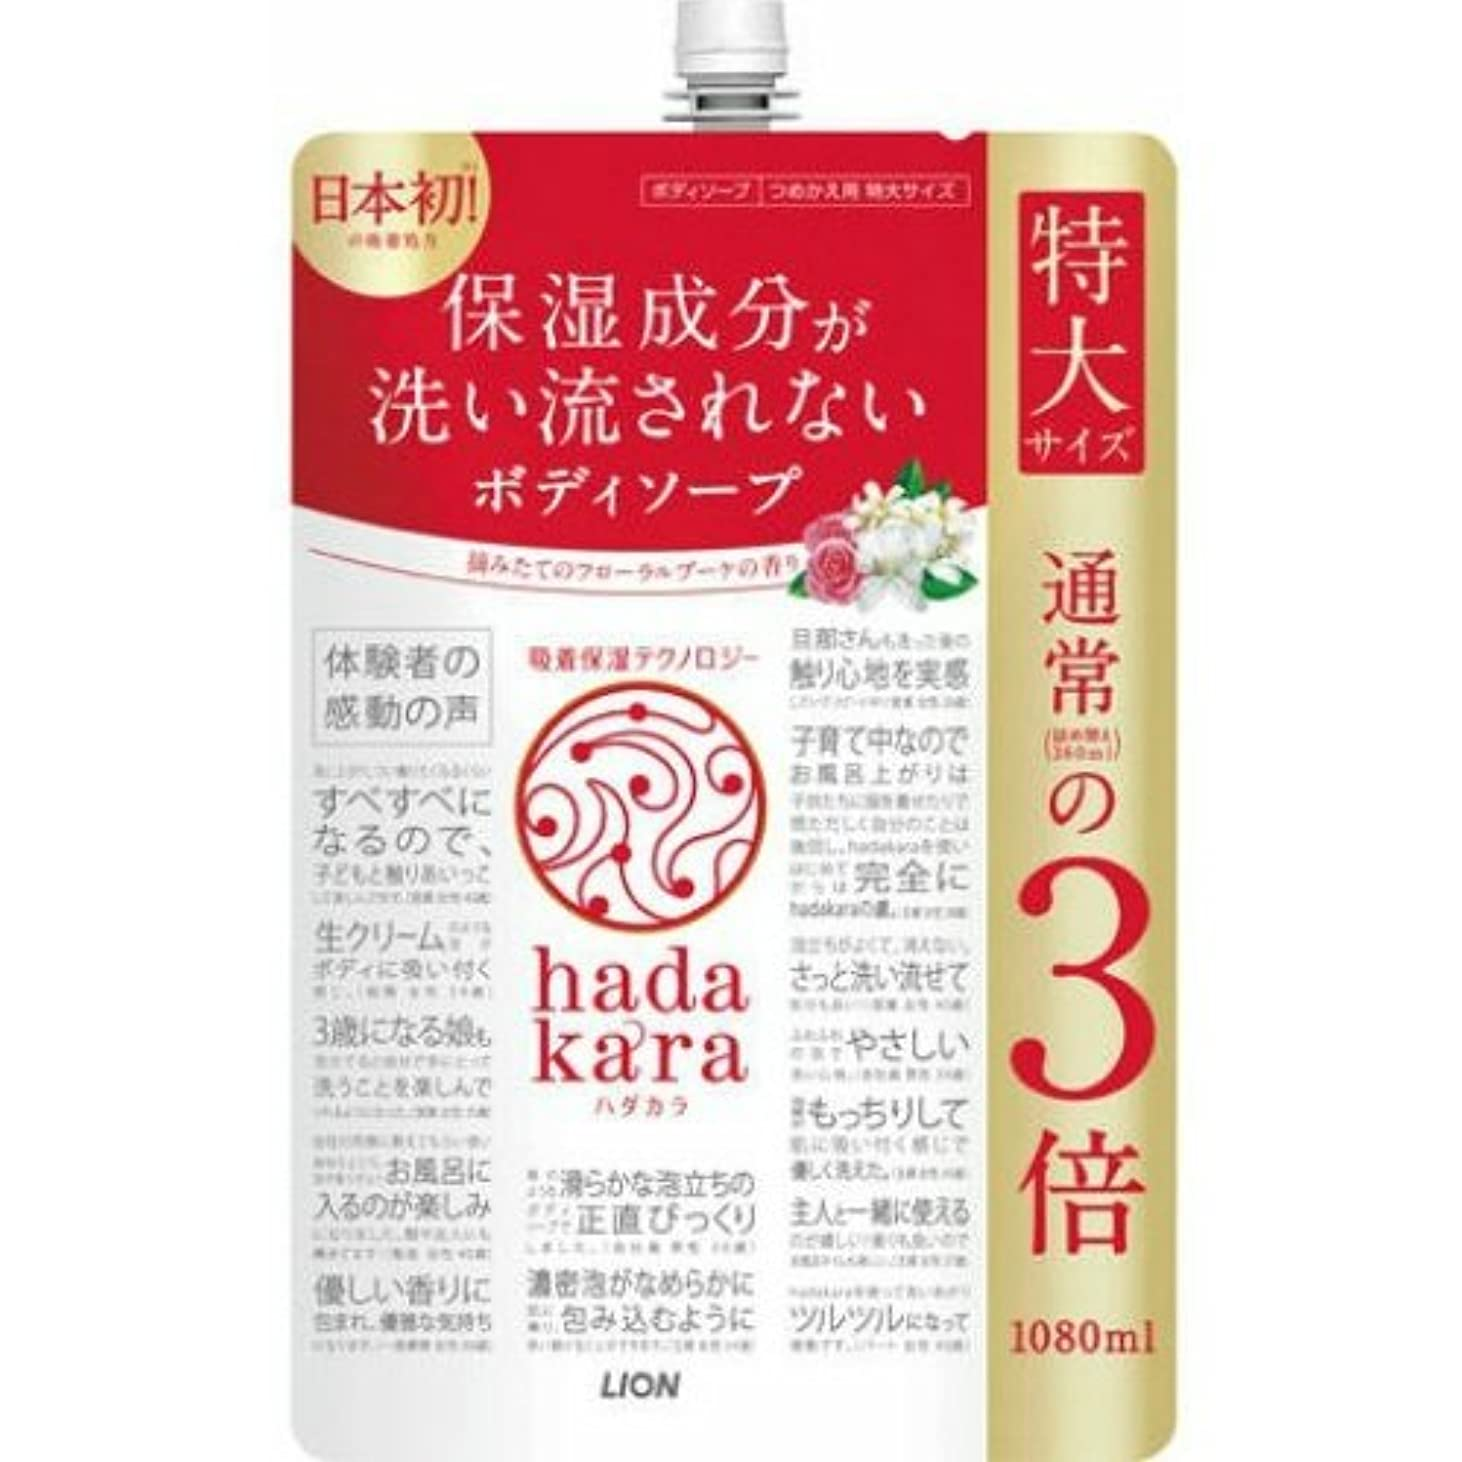 一般的に四半期筋LION ライオン hadakara ハダカラ ボディソープ フローラルブーケの香り つめかえ用 特大サイズ 1080ml ×3点セット(4903301260875)